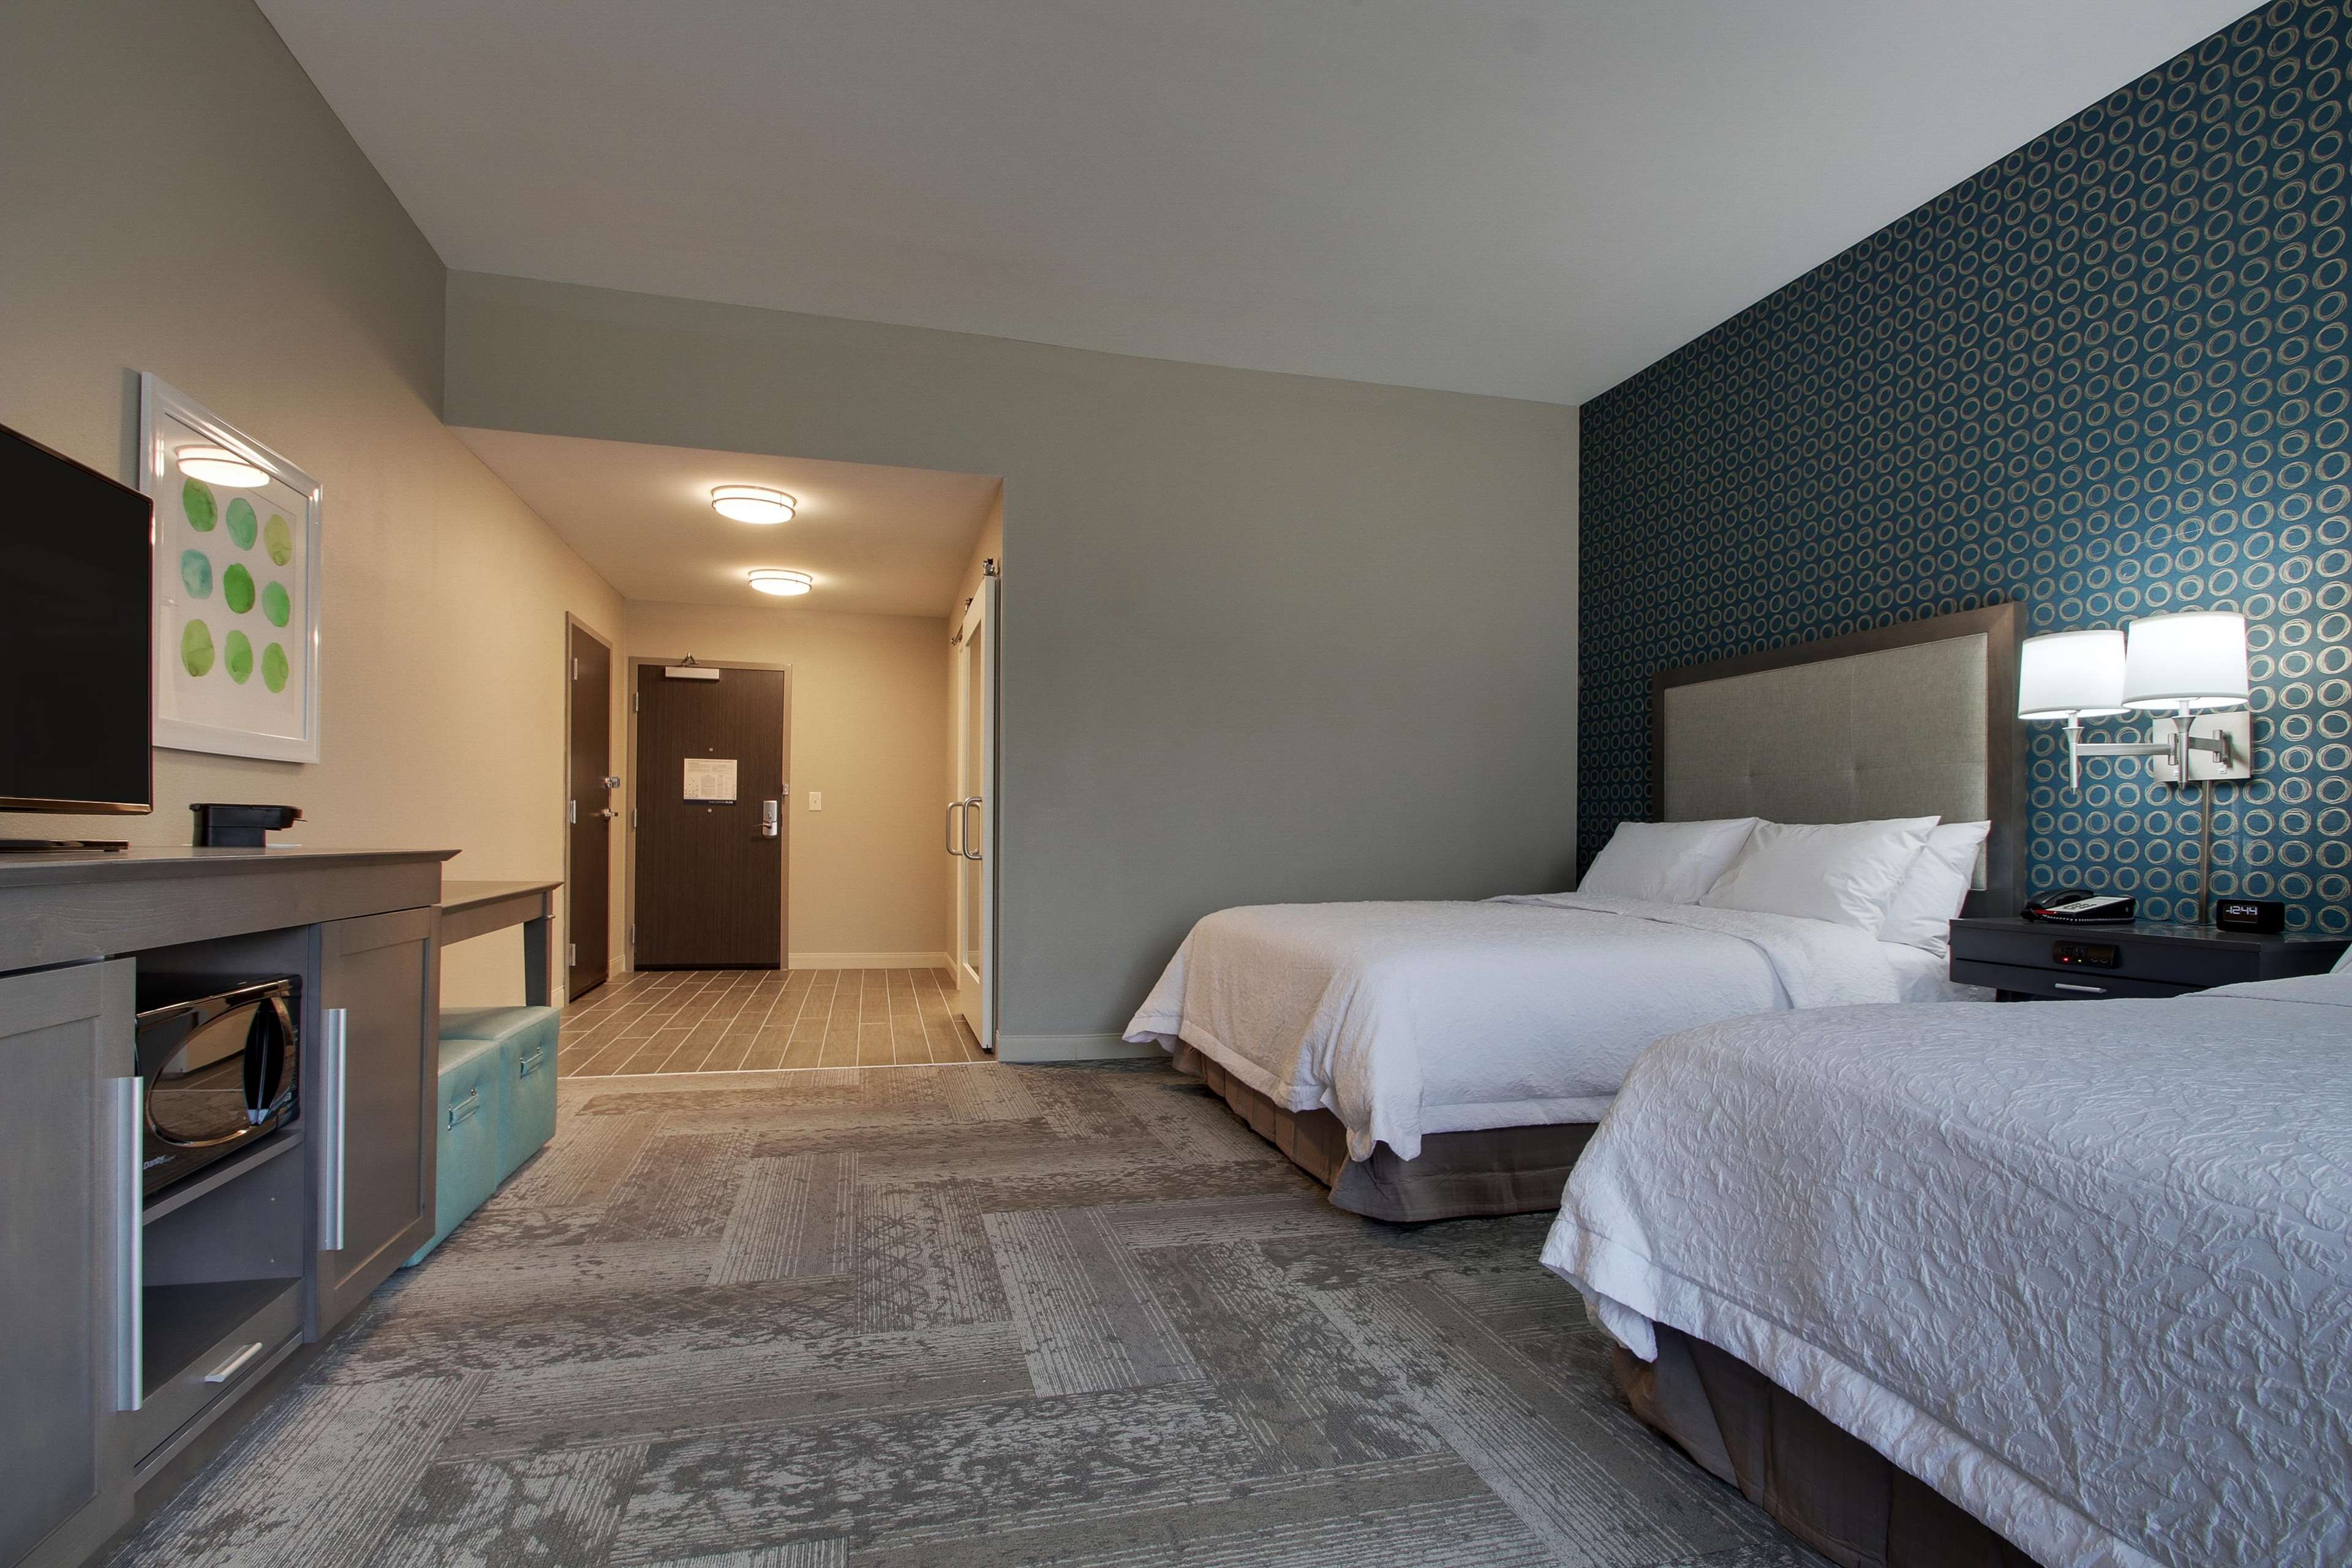 Hampton Inn & Suites Knightdale Raleigh image 13